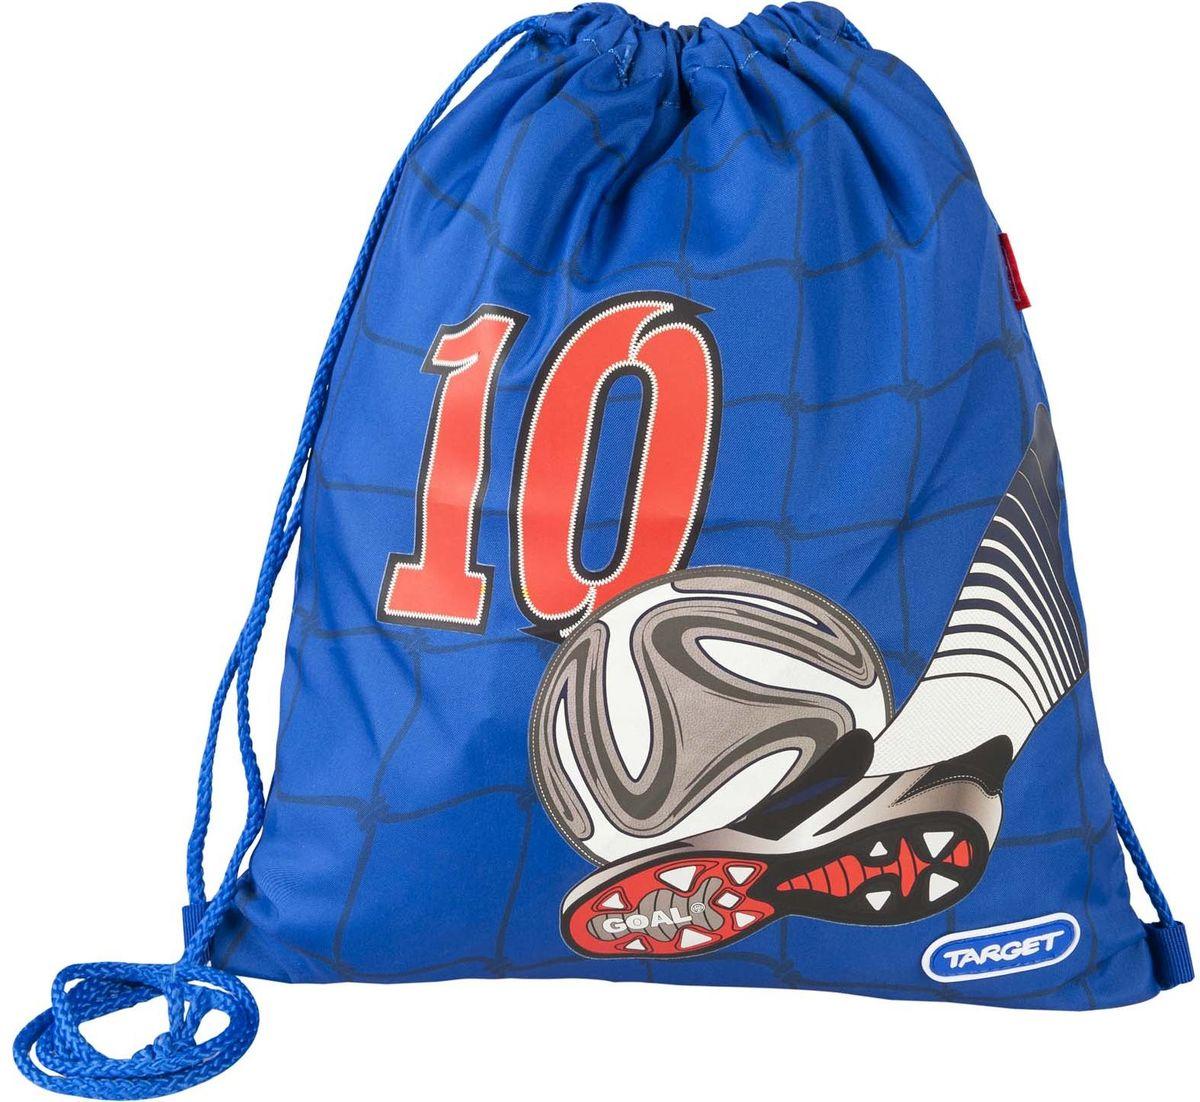 Target Collection Сумка для детской сменной обуви Улетный футбол 1794617946Предназначена для сменной обуви. С помощью длинных шнурков легко затягивается. Изготовлен из прочного непромакаемого материала.